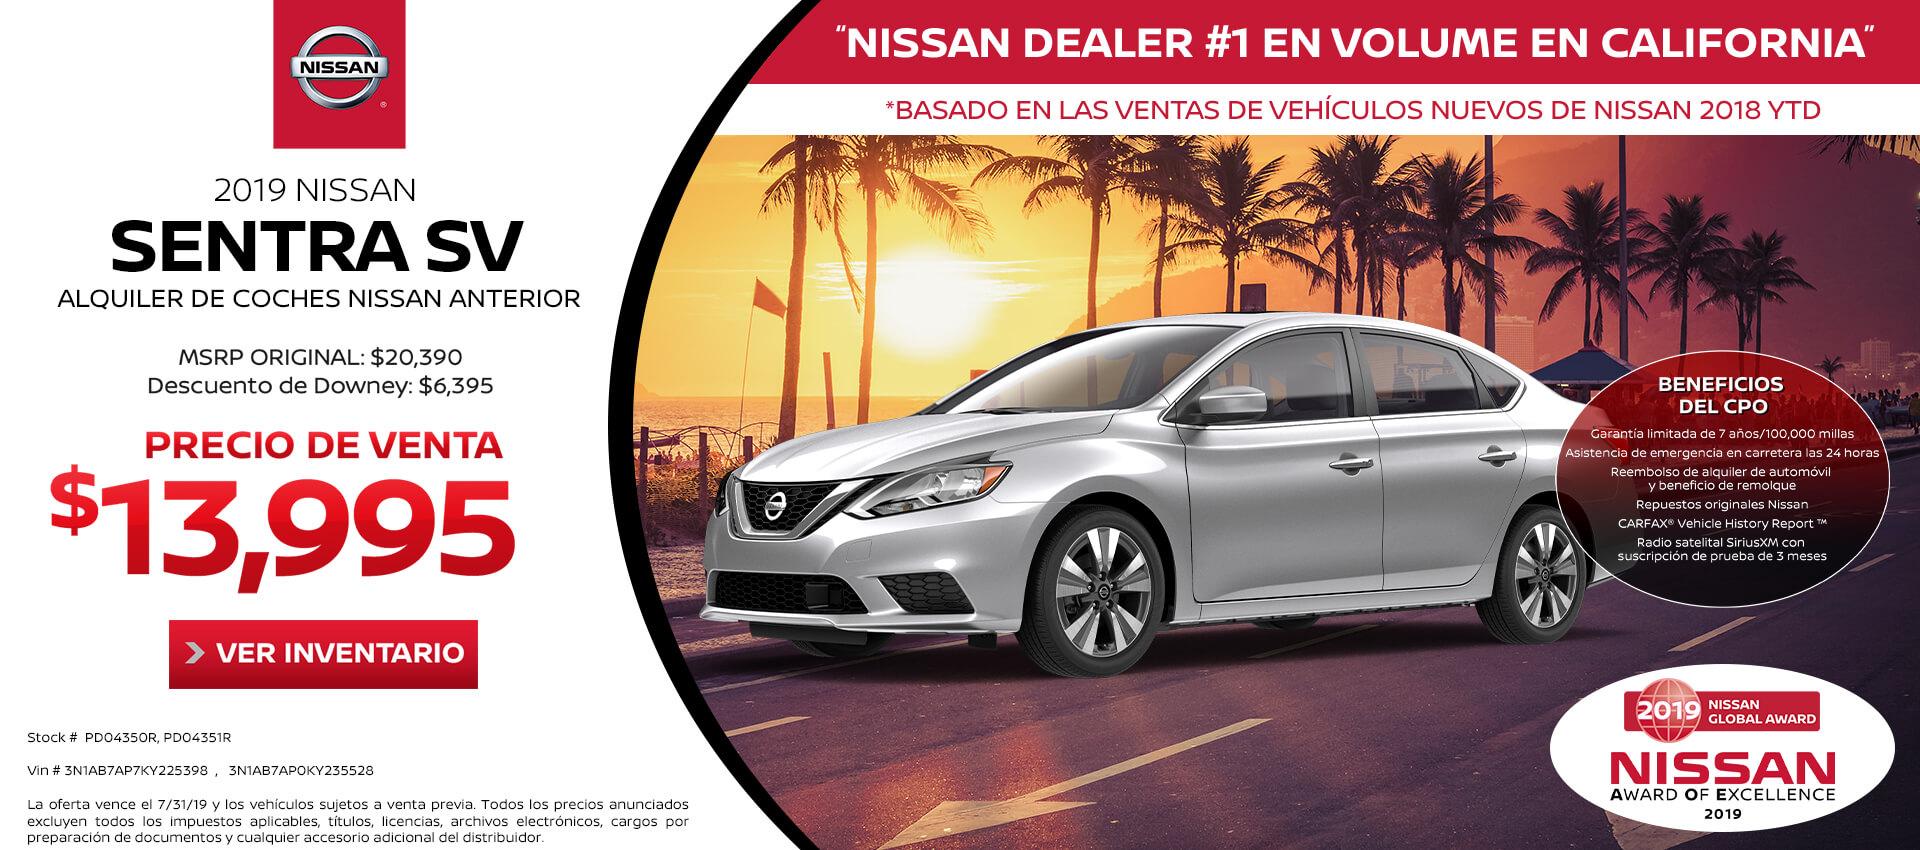 Nissan Dealership Los Angeles >> Downey Nissan El Concesionario Nissan Numero 1 De California